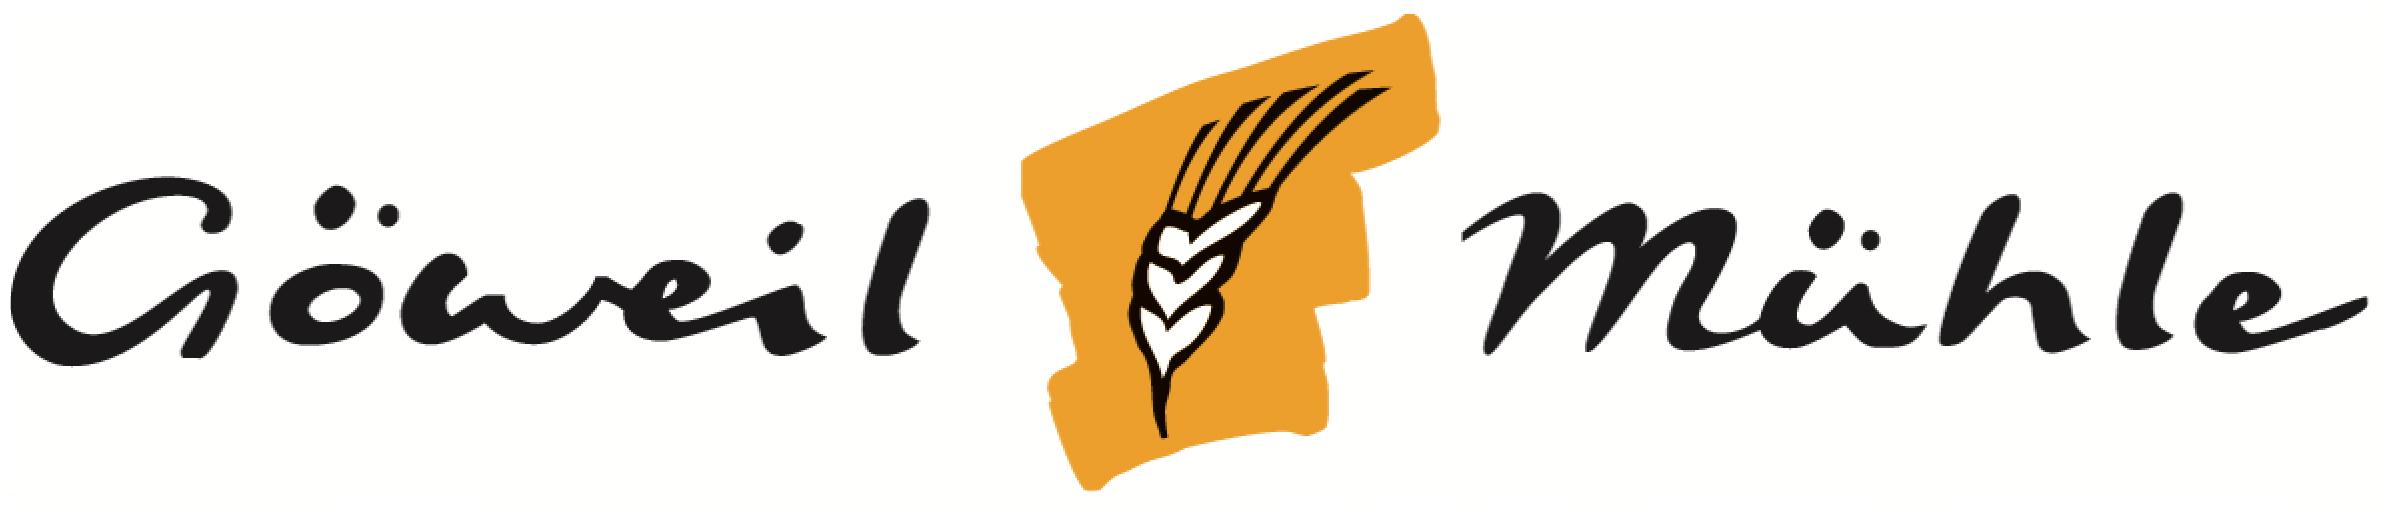 Göweil Mühle – Mischfutterwerk und Mühle - Oberösterreich | Ihr Fachmann für Geflügelfutter, Rinderfutter, Schweine-, Wildtierf-, Ziegen-,Schafe- und Lämmerfutter, Fisch-, Pferdefutter, Mehl, Mahl- und Futtergetreide